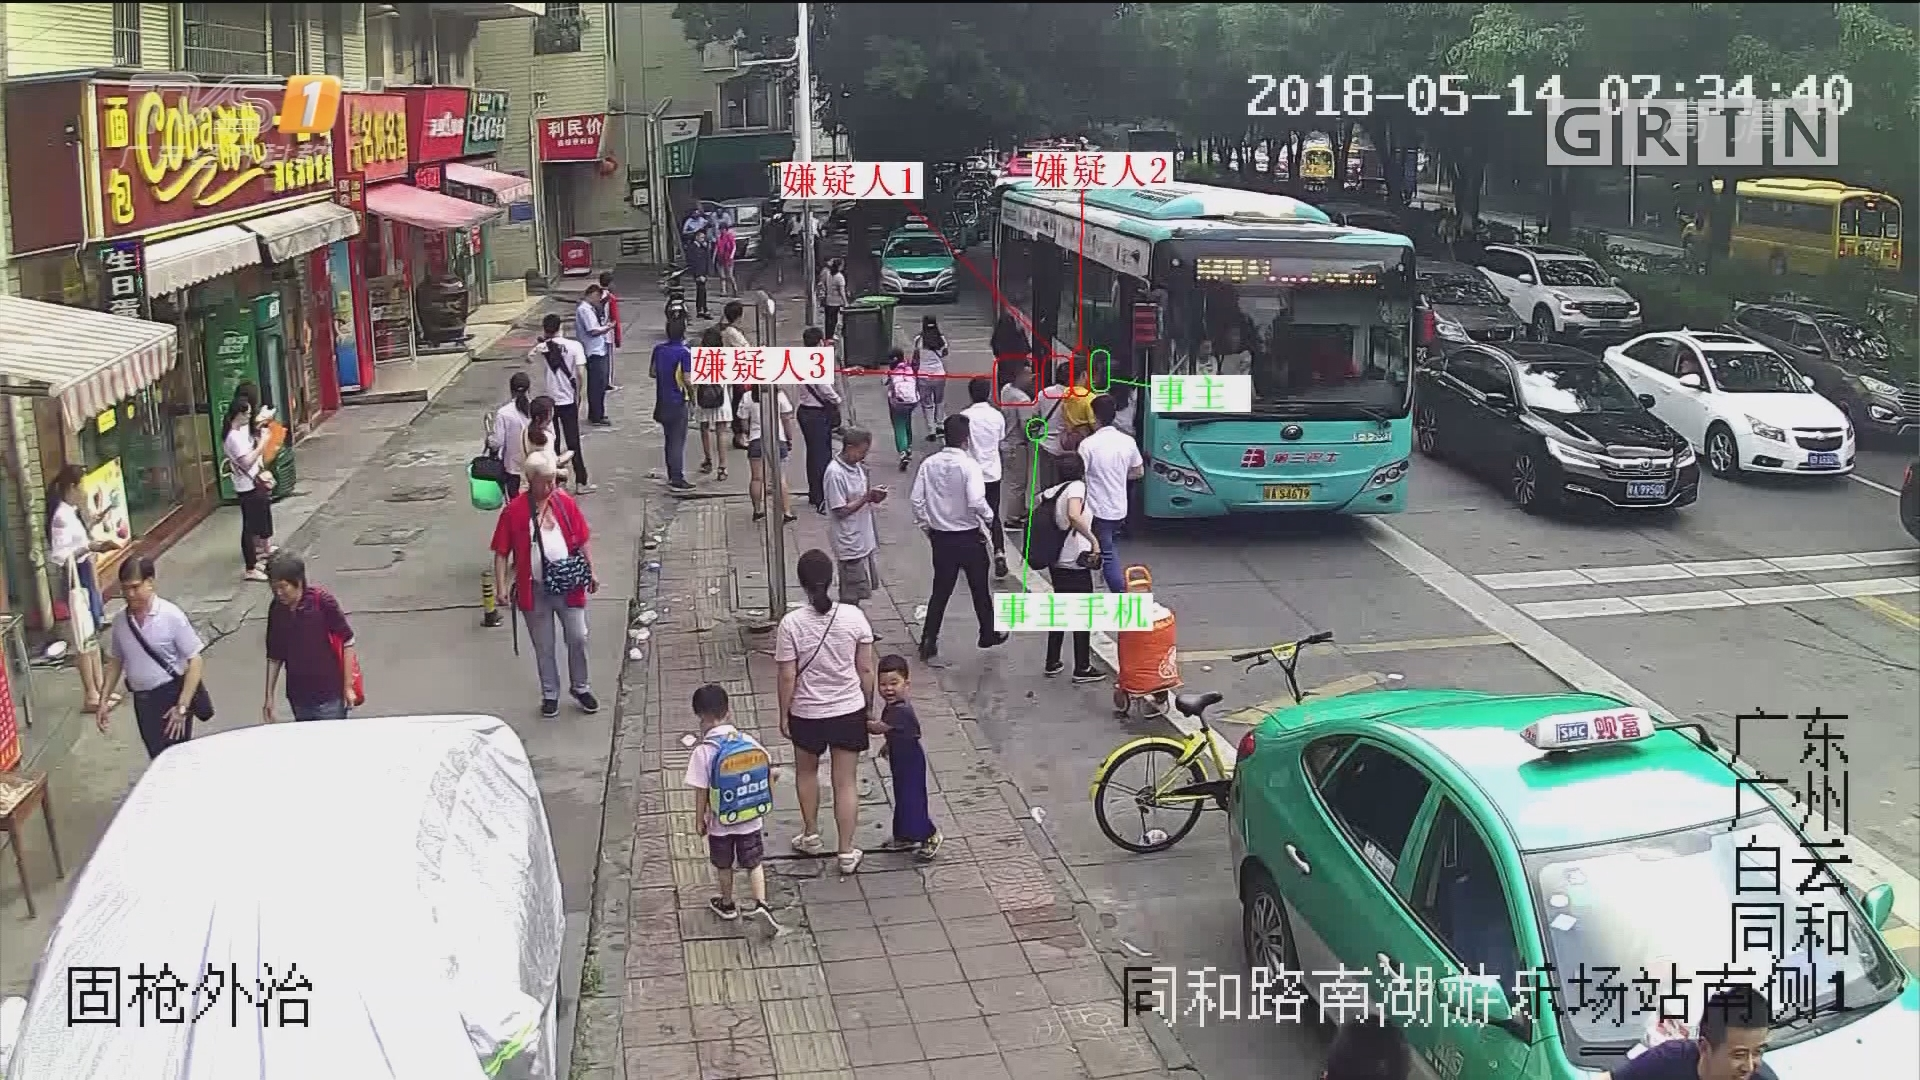 广州:上车时被盗手机 身边竟藏4名小偷